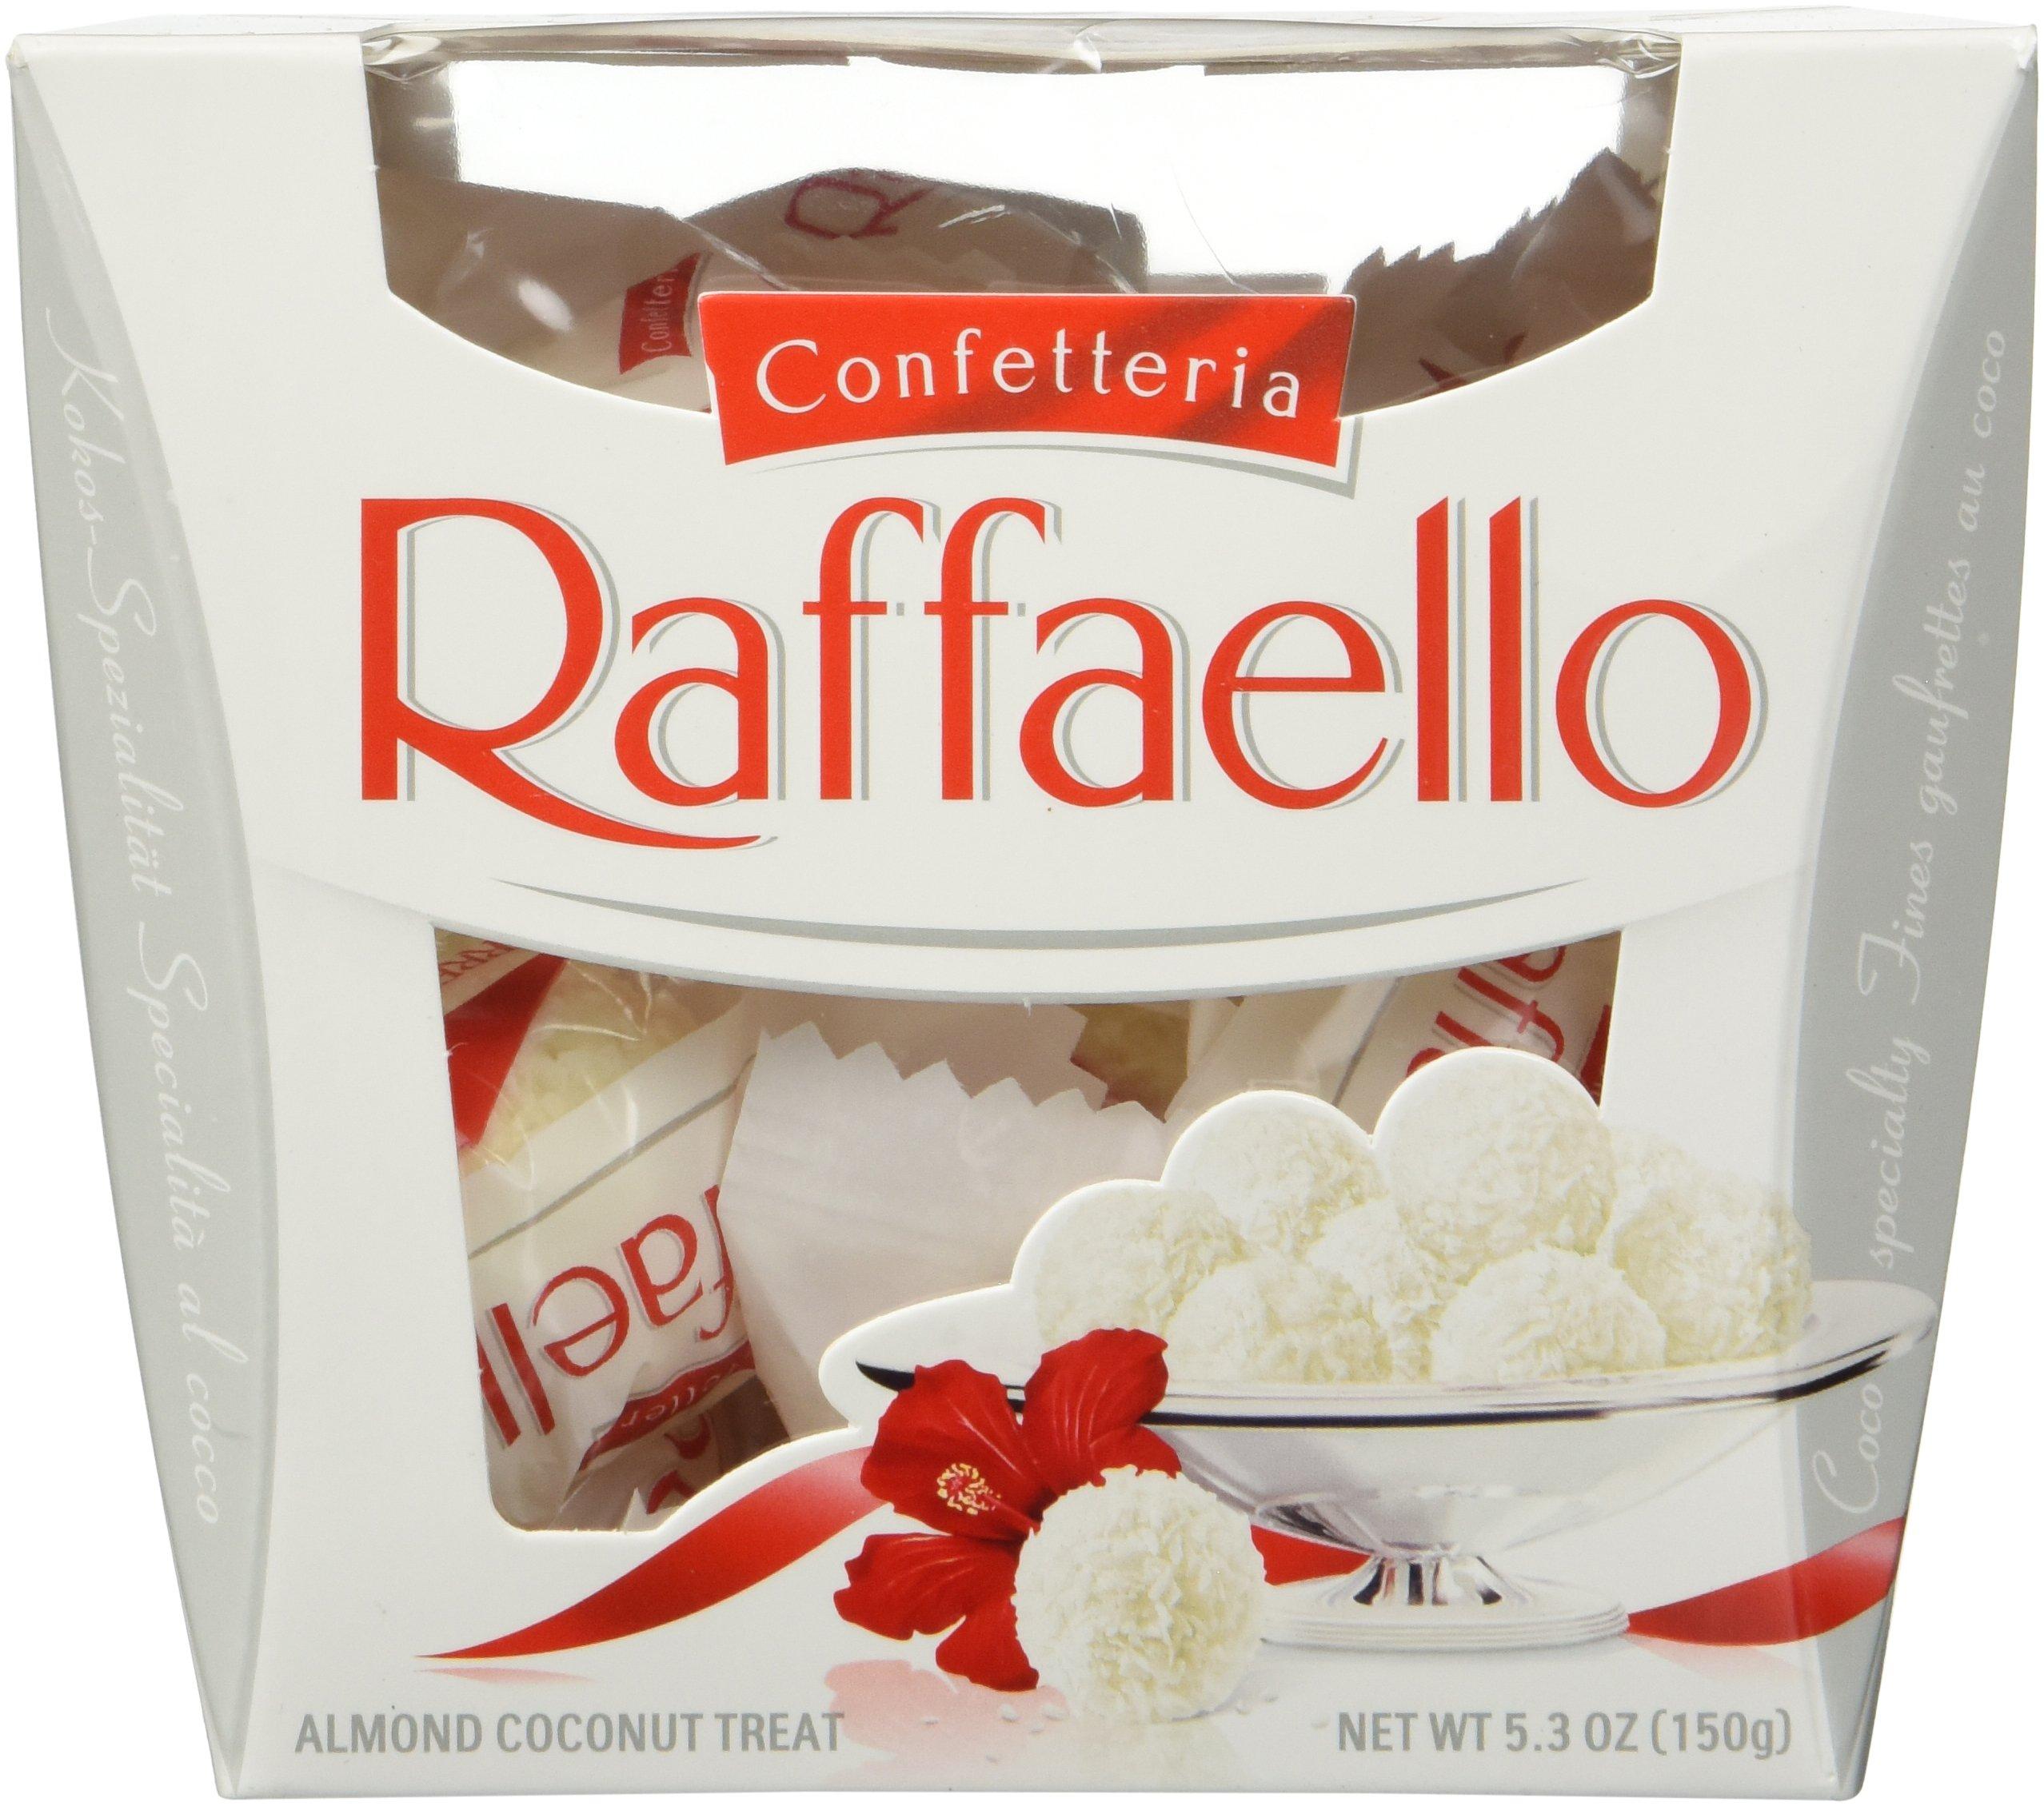 Ferrero Collection 18 Piece Gift Box 24 Count 88 Rocher T24 Coklat 24pcs Rafaello 15 53oz